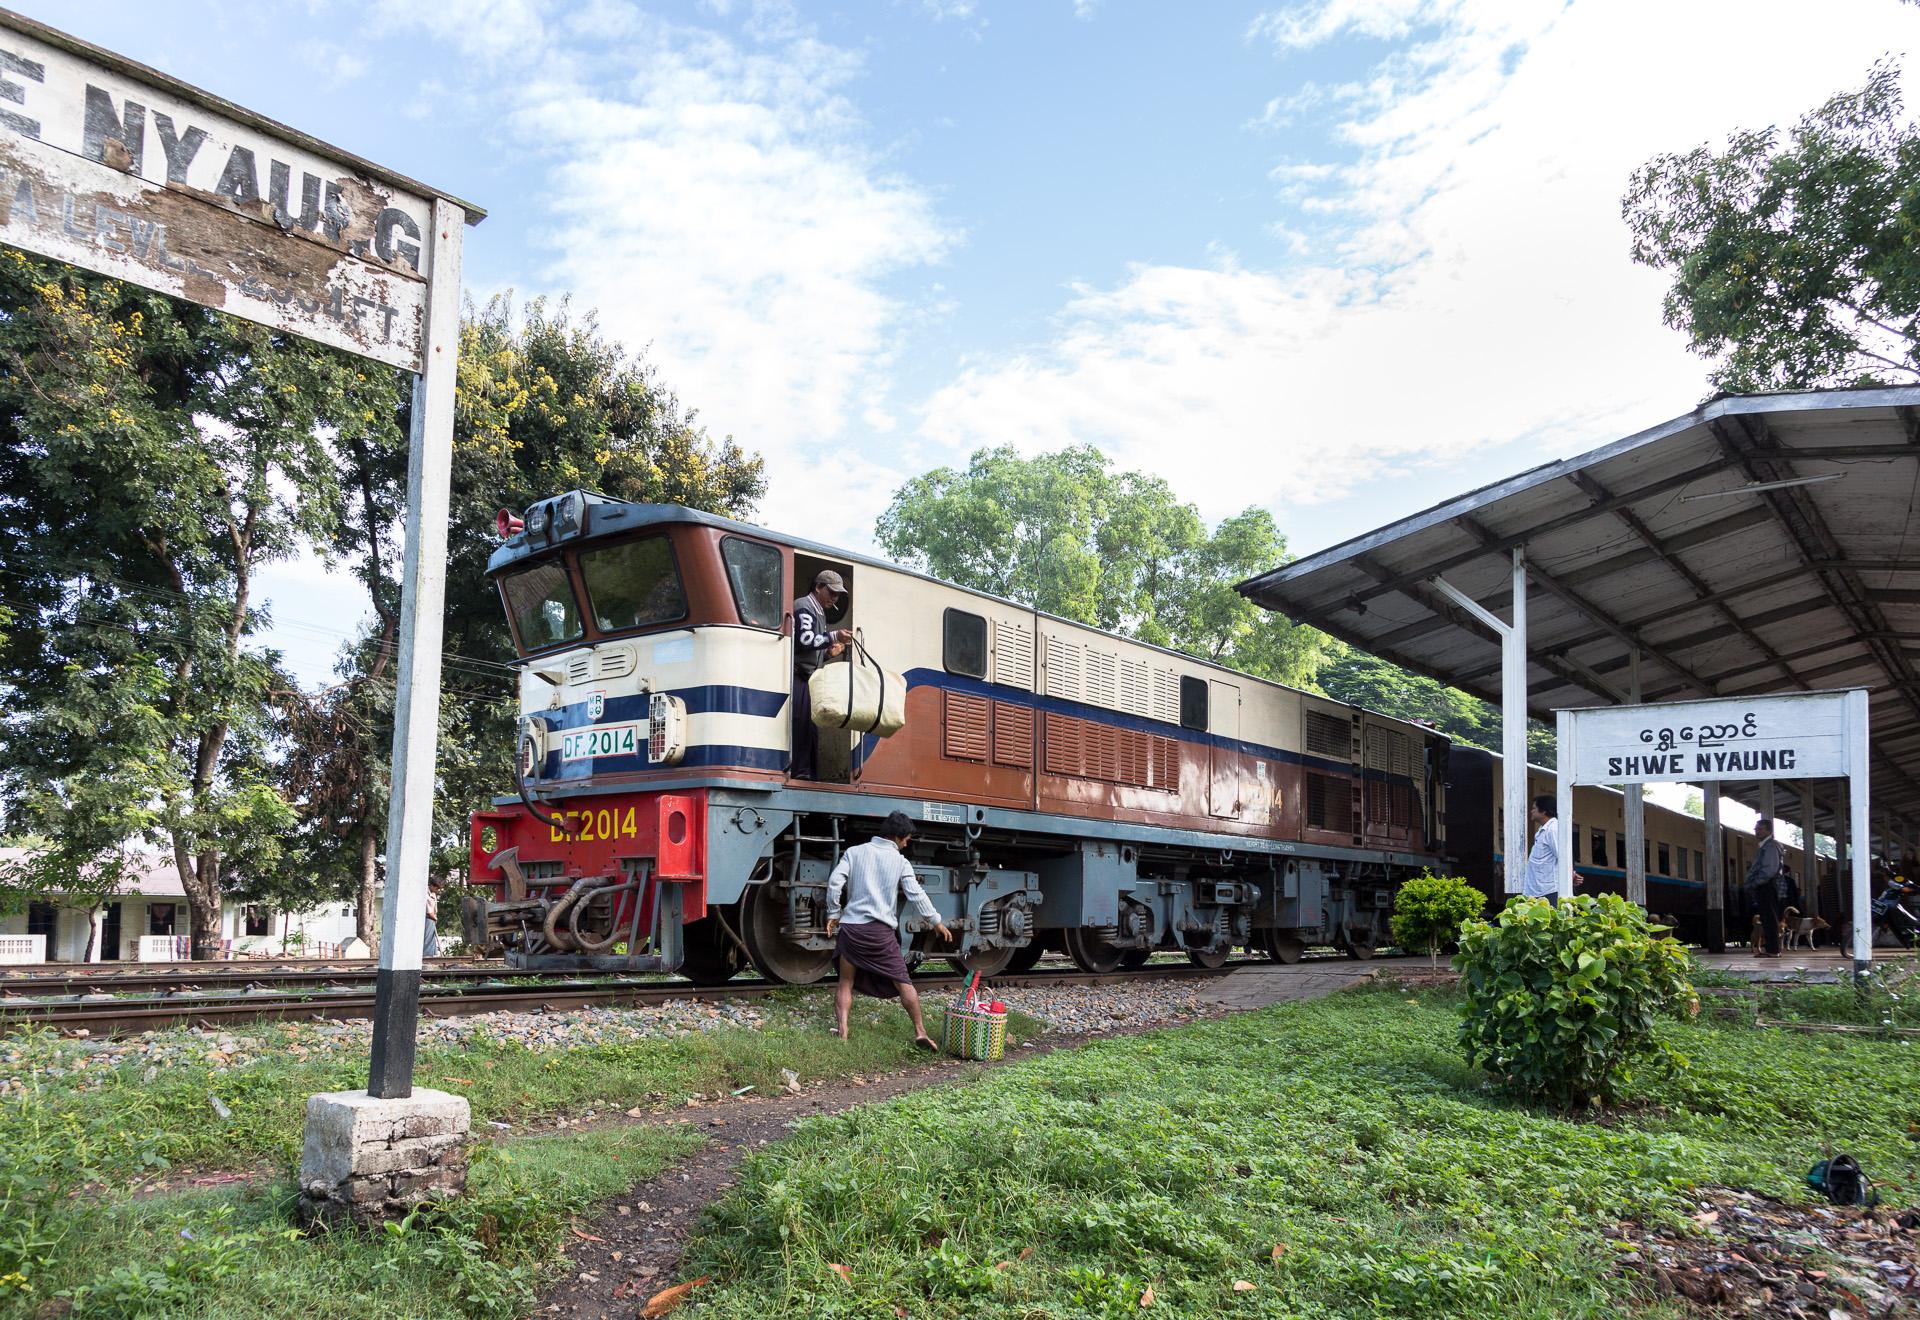 myanmar-reportage-wisckow-059.jpg